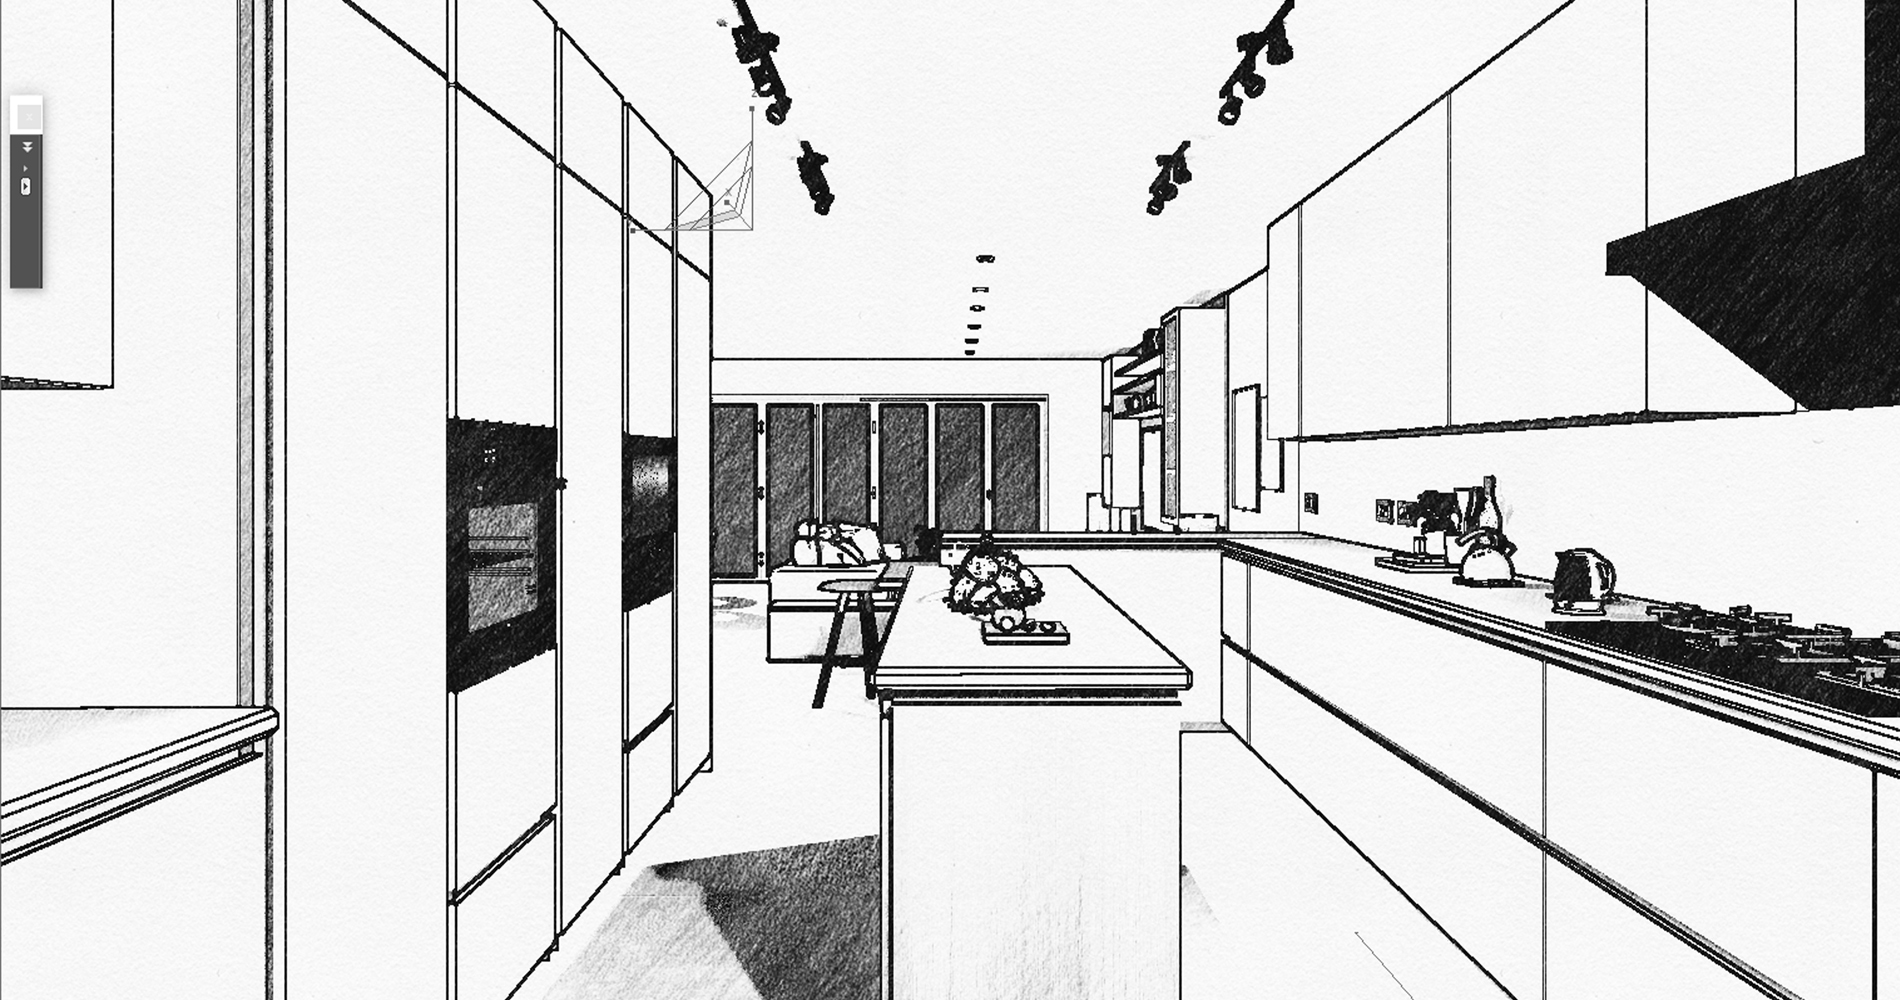 3D Kitchen Interior Design & Rendering Services